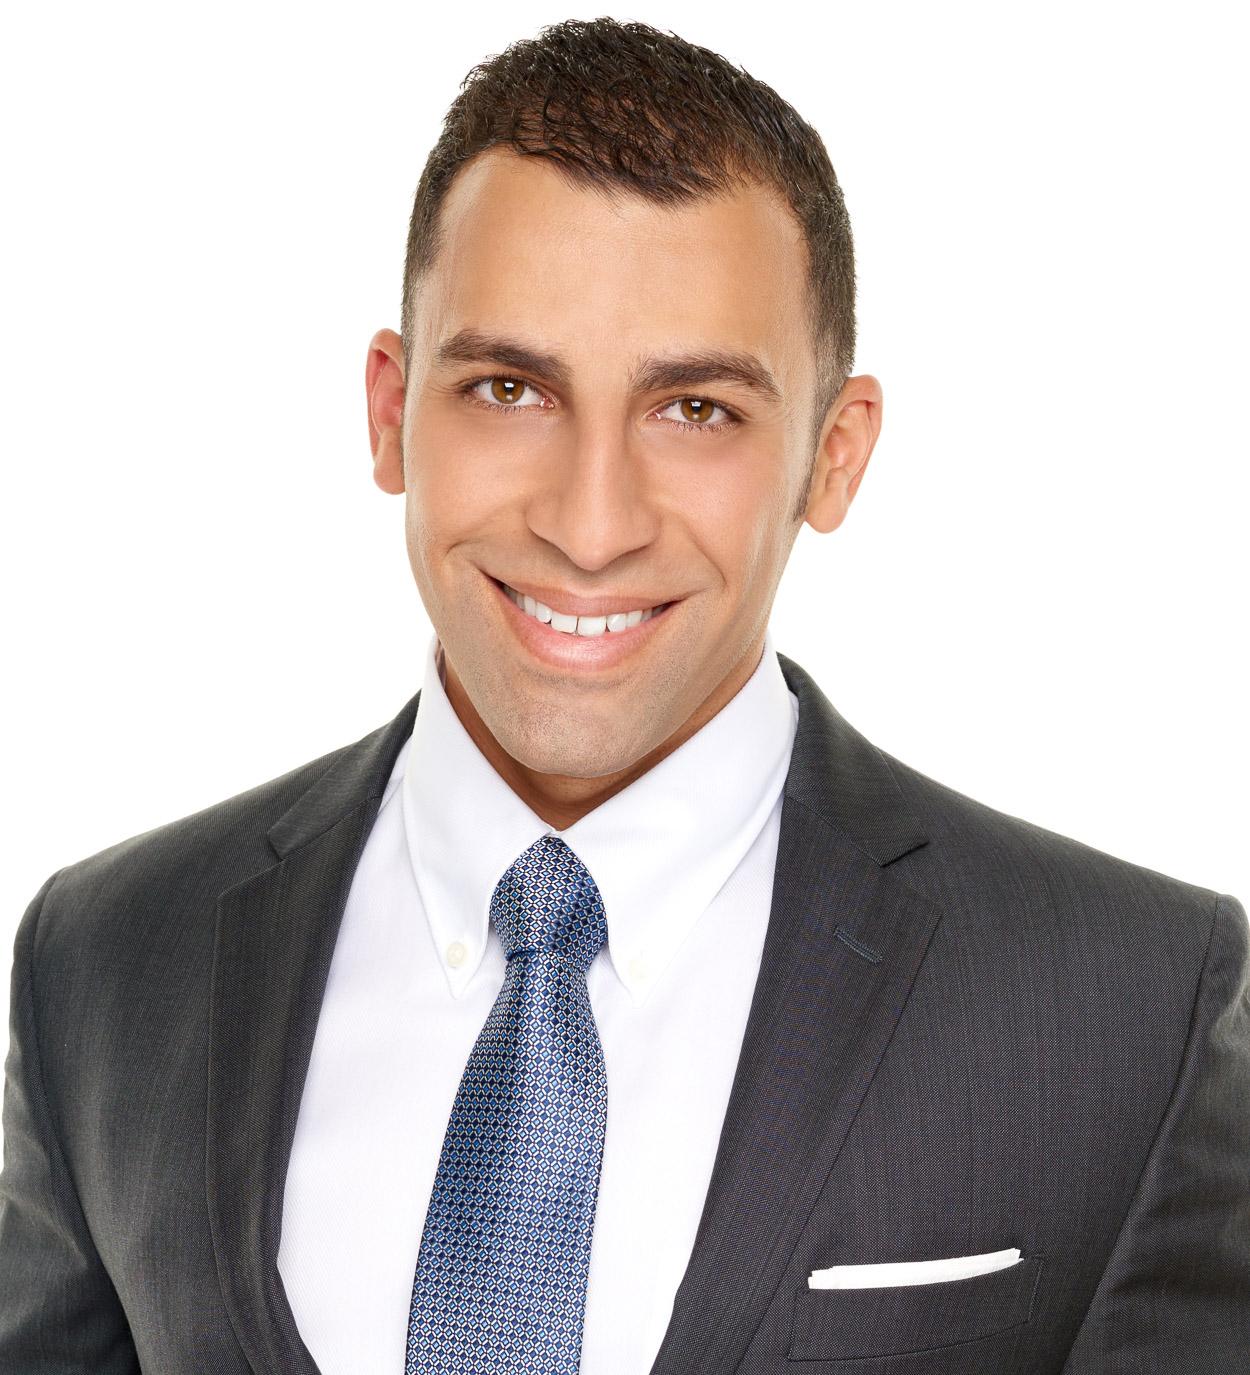 Joshua Massieh